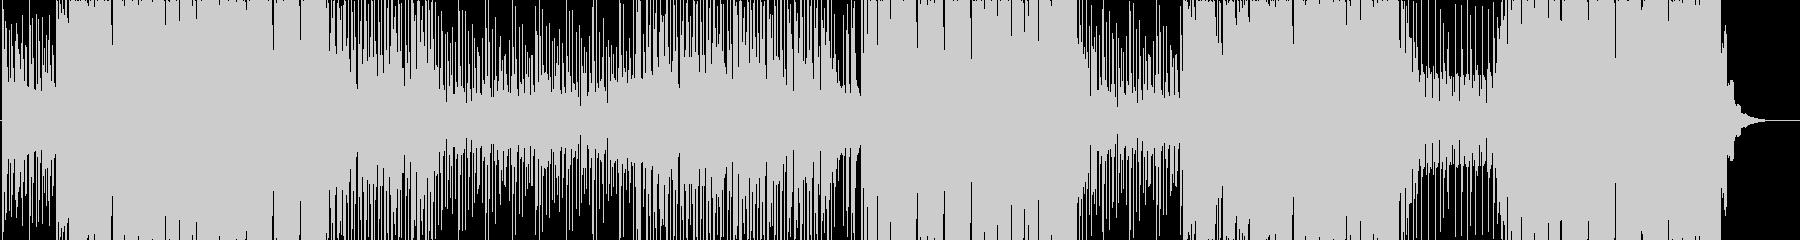 ゆったりなトロピカルハウスの未再生の波形